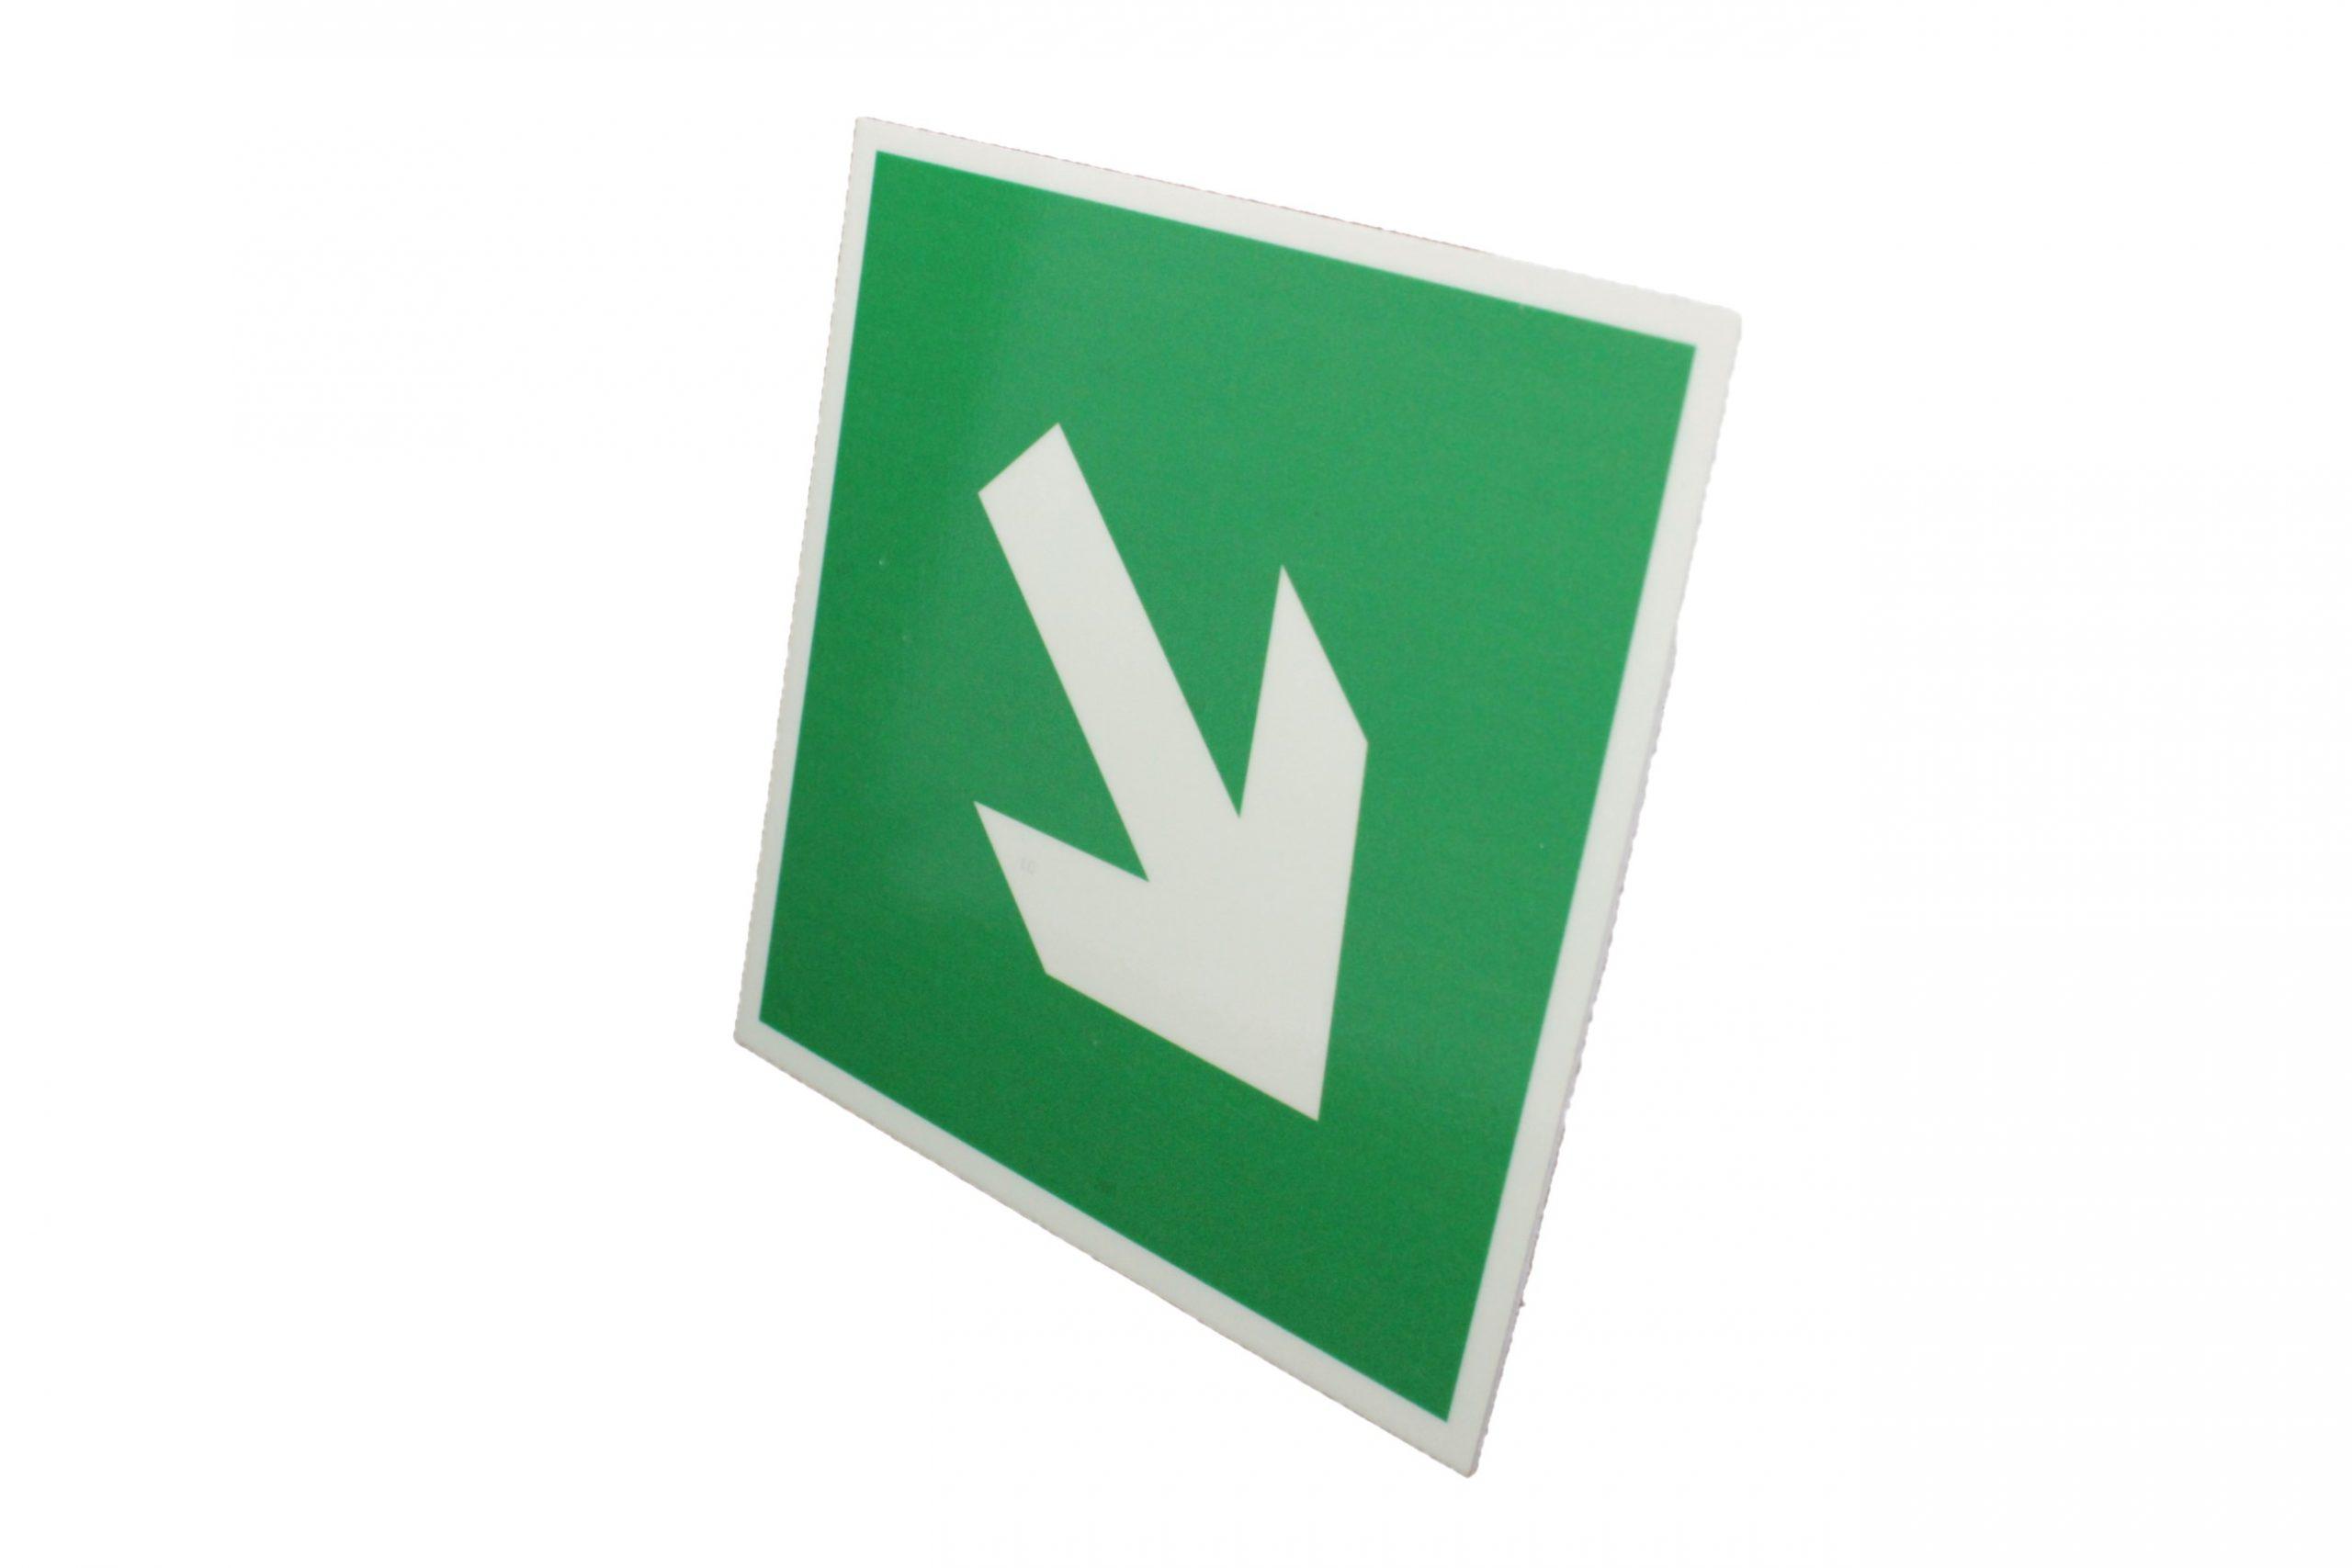 Знак эвакуации направляющая стрелка под углом 45°